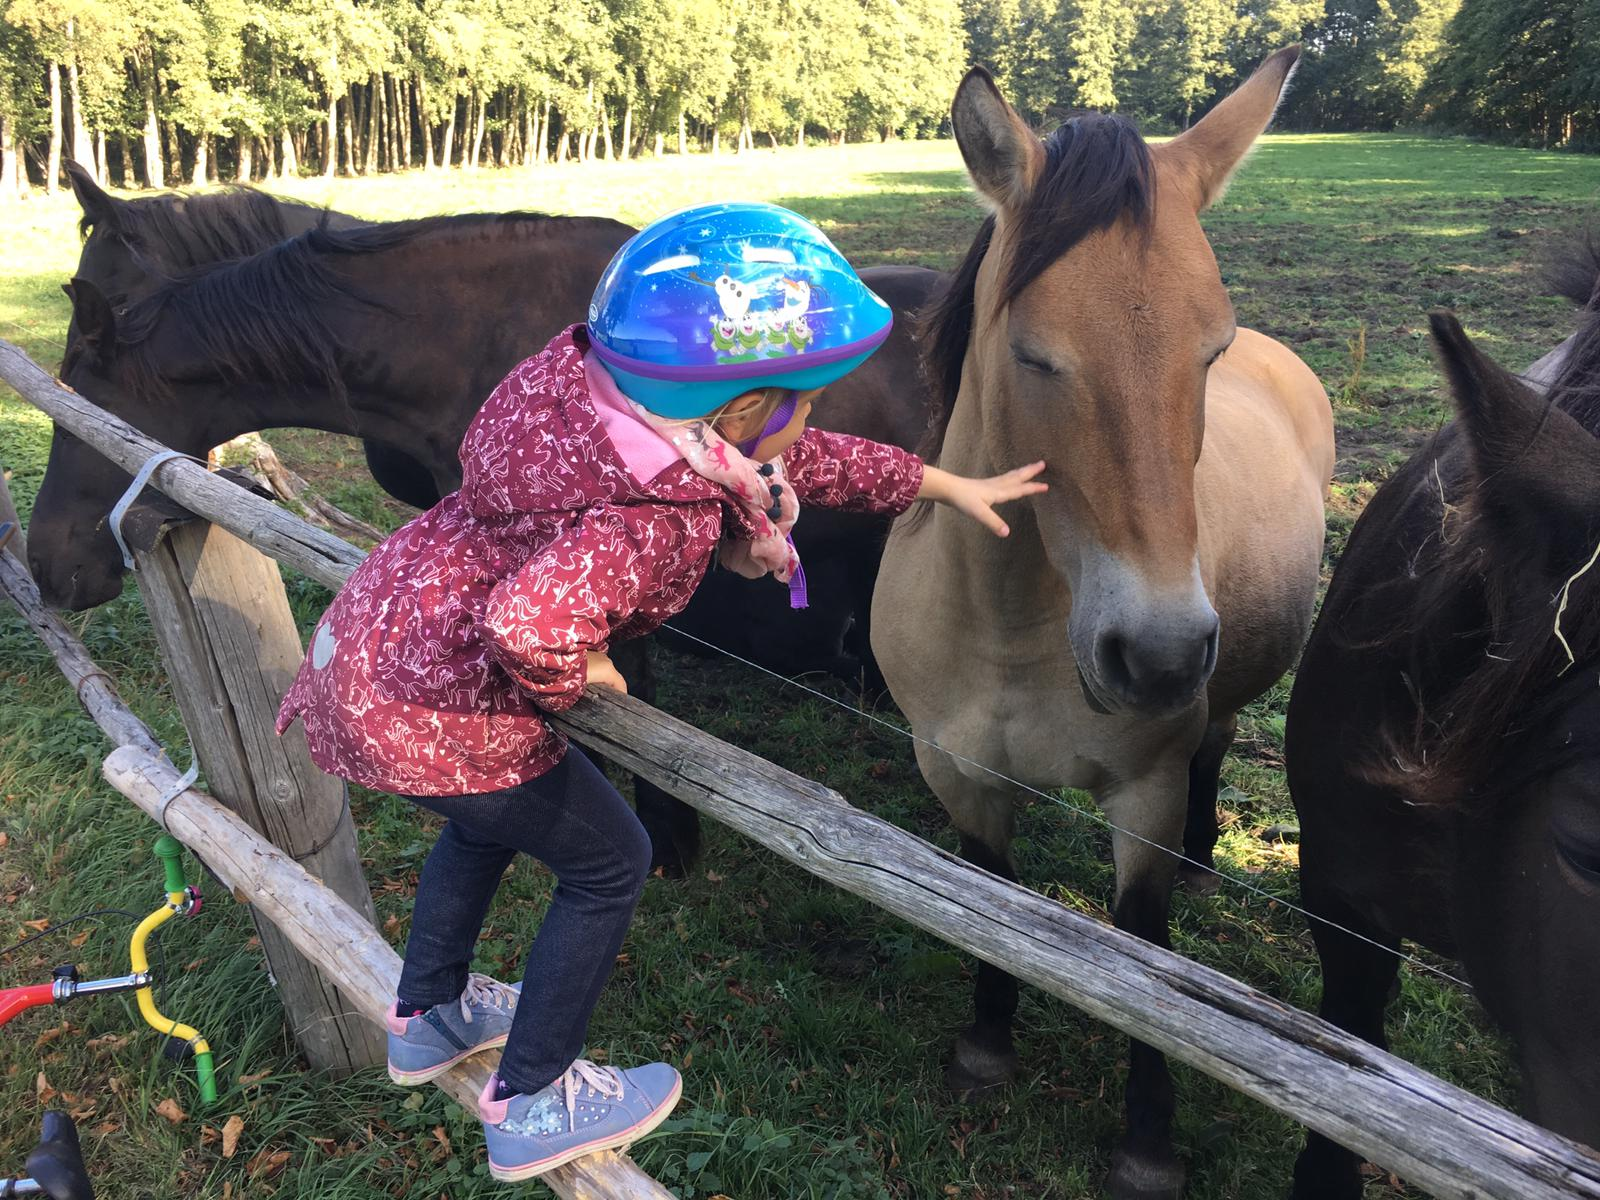 Spaziergang zu den Pferden/Kukuk Herbst 2018